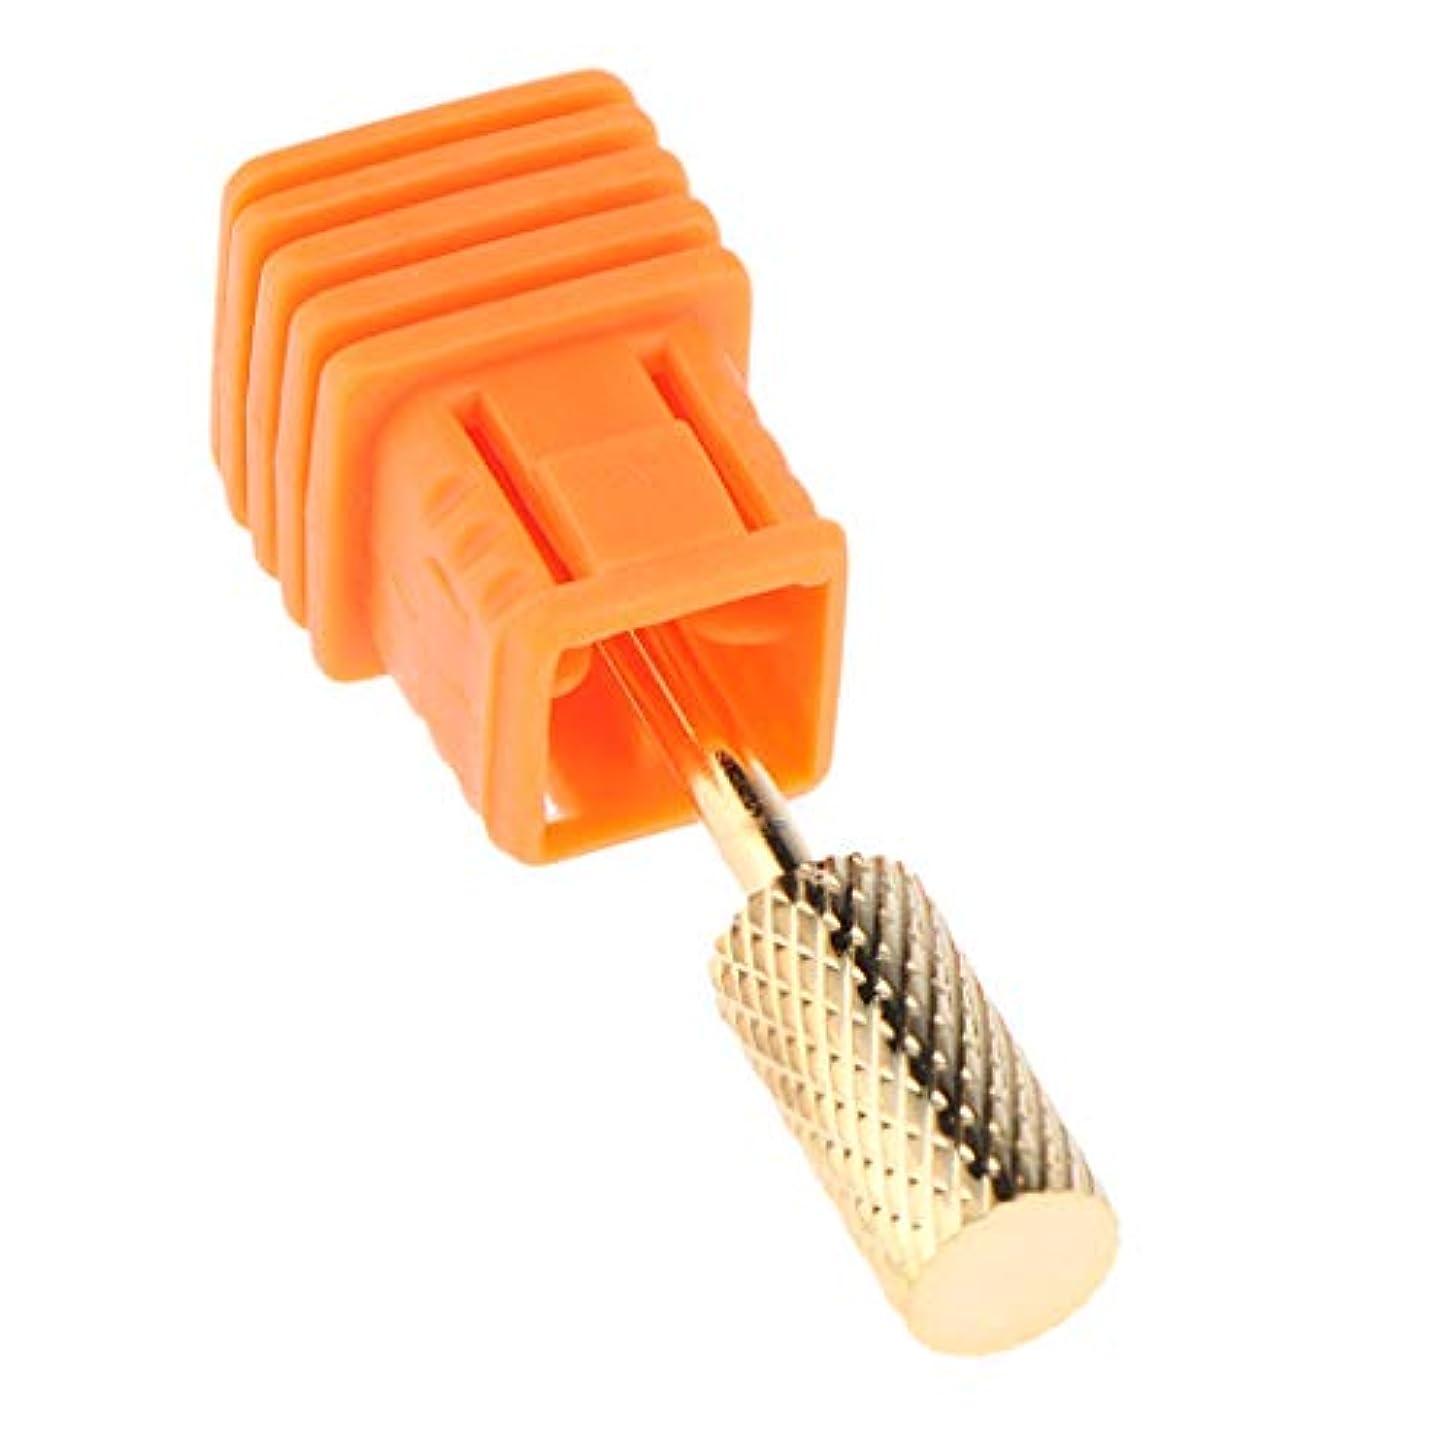 B Blesiya ネイルドリルビット ネイルビット ネイルチップ 耐久性 ネイル道具 6スタイル選べ - C